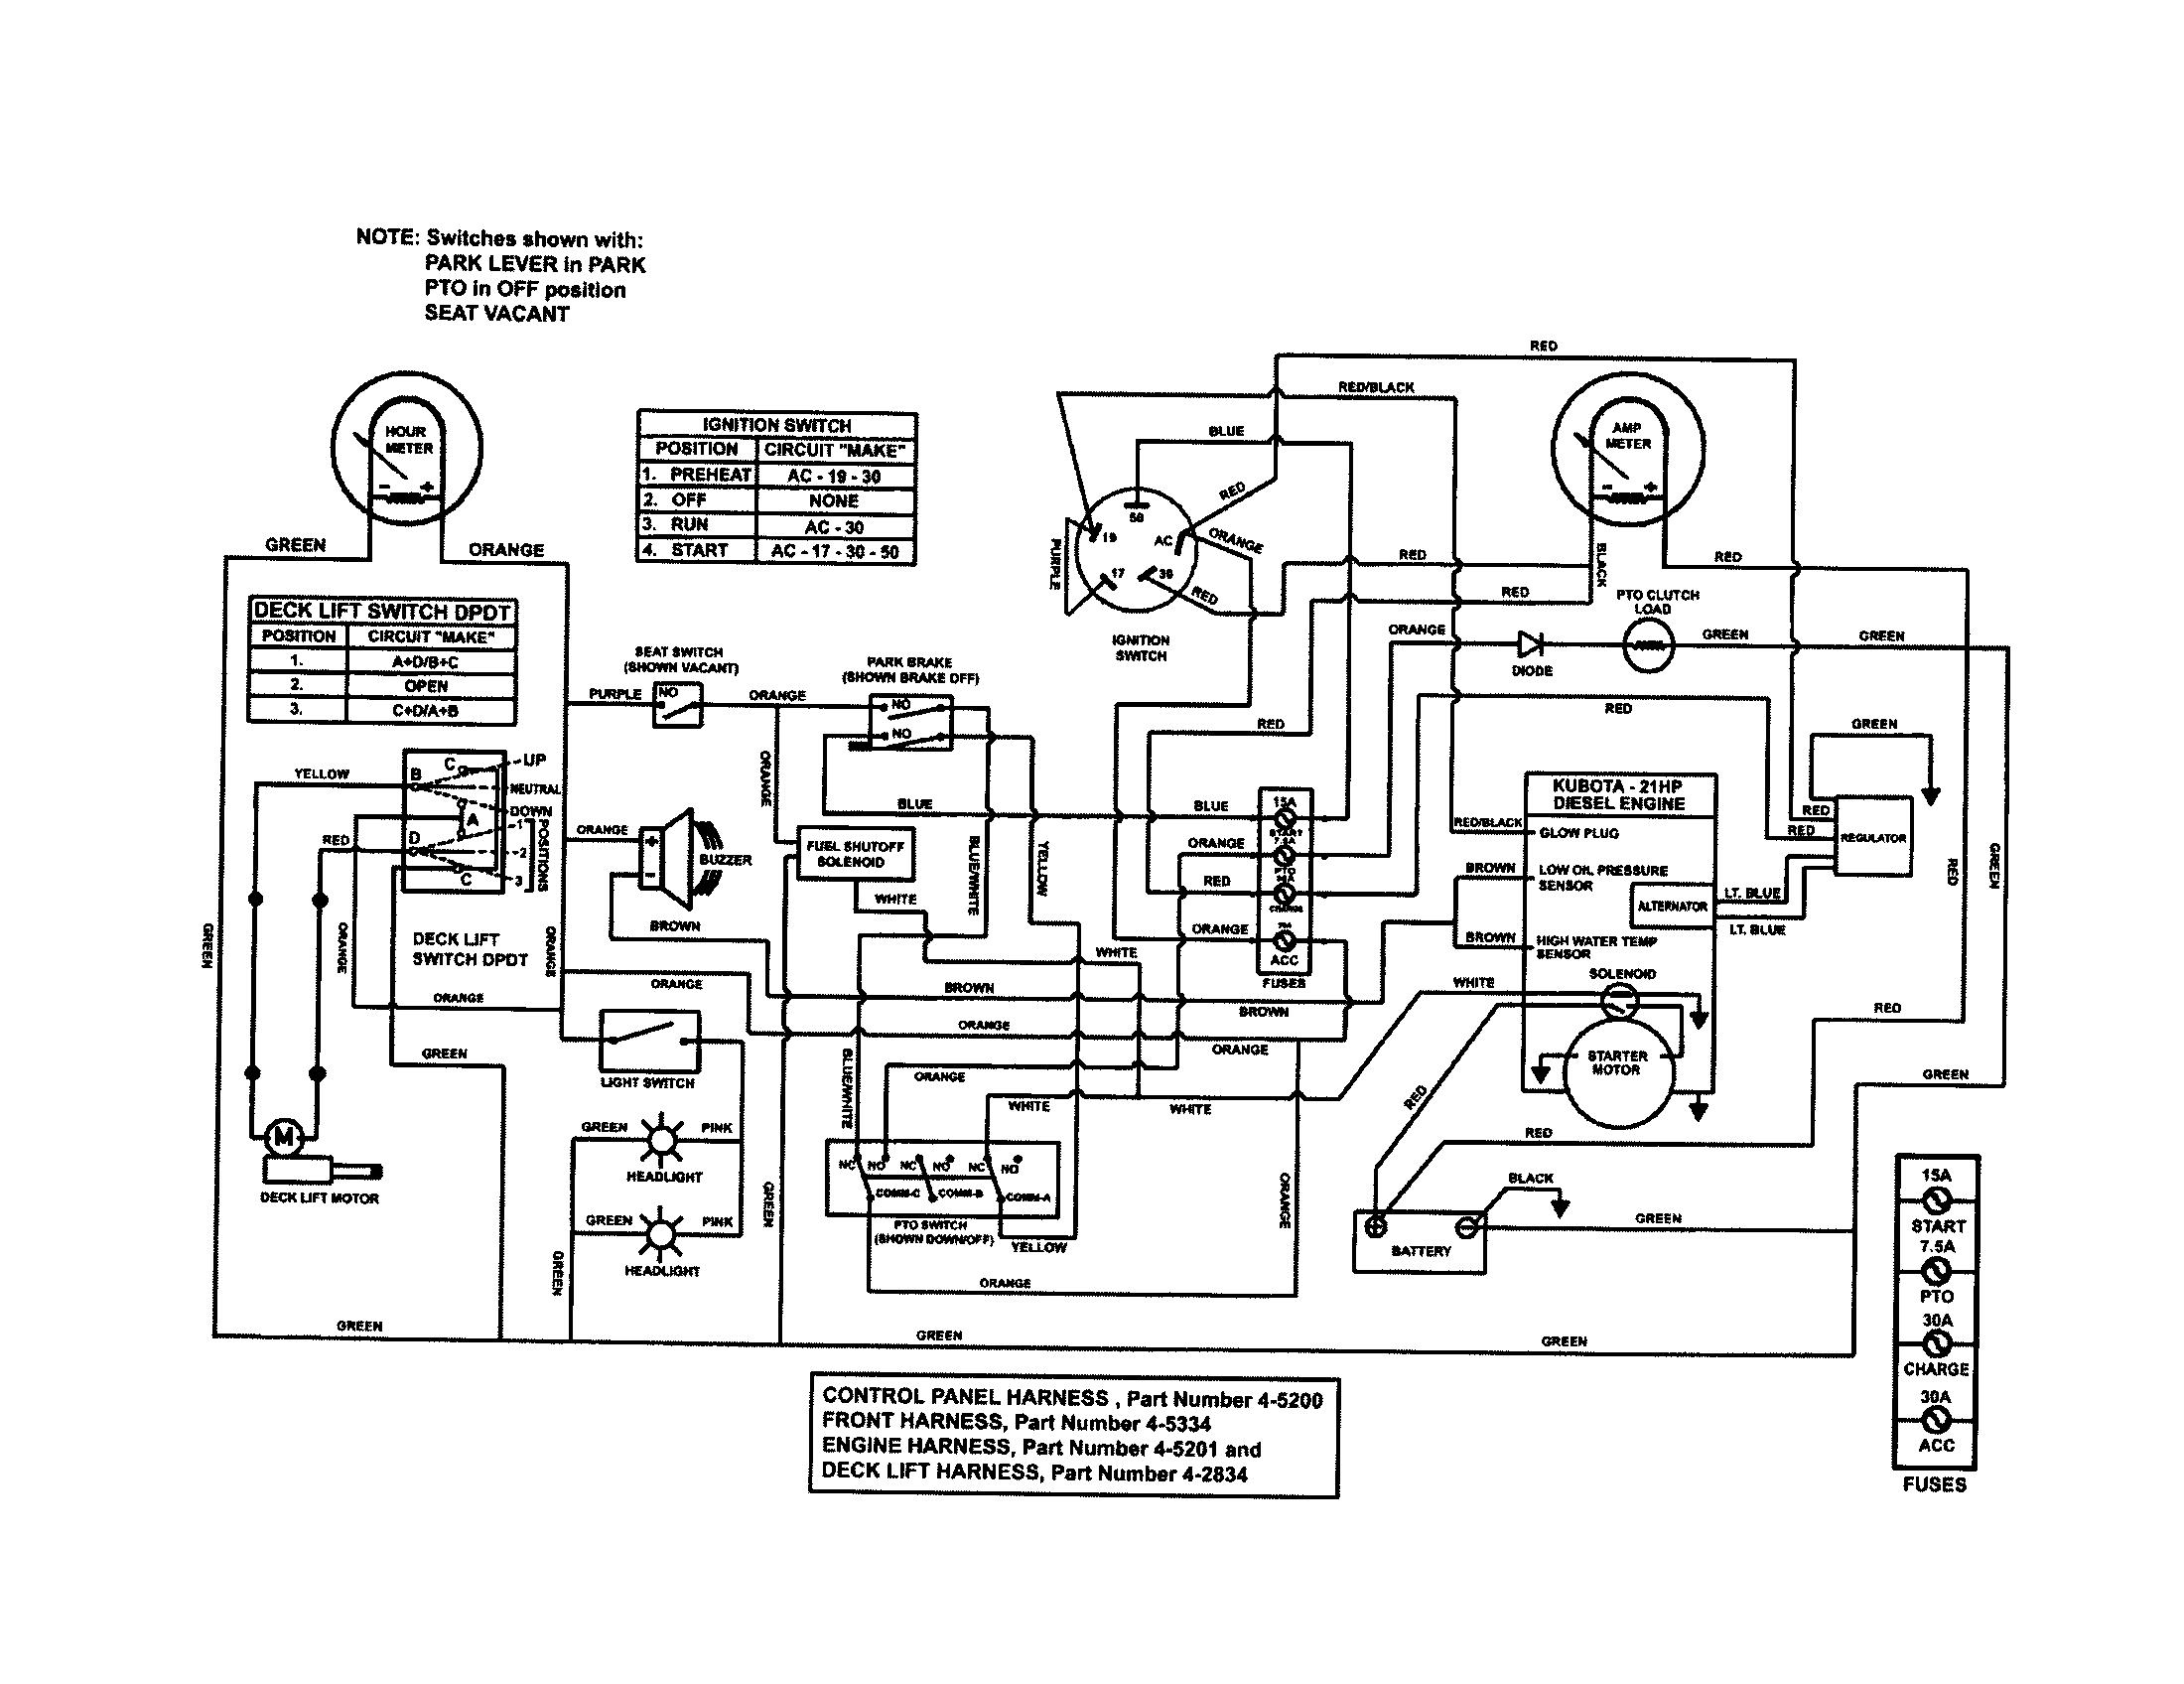 kubota rtv wiring schematic hc 6462  kubota tractor wiring diagrams quotes 2480 x 3229 jpeg  kubota tractor wiring diagrams quotes